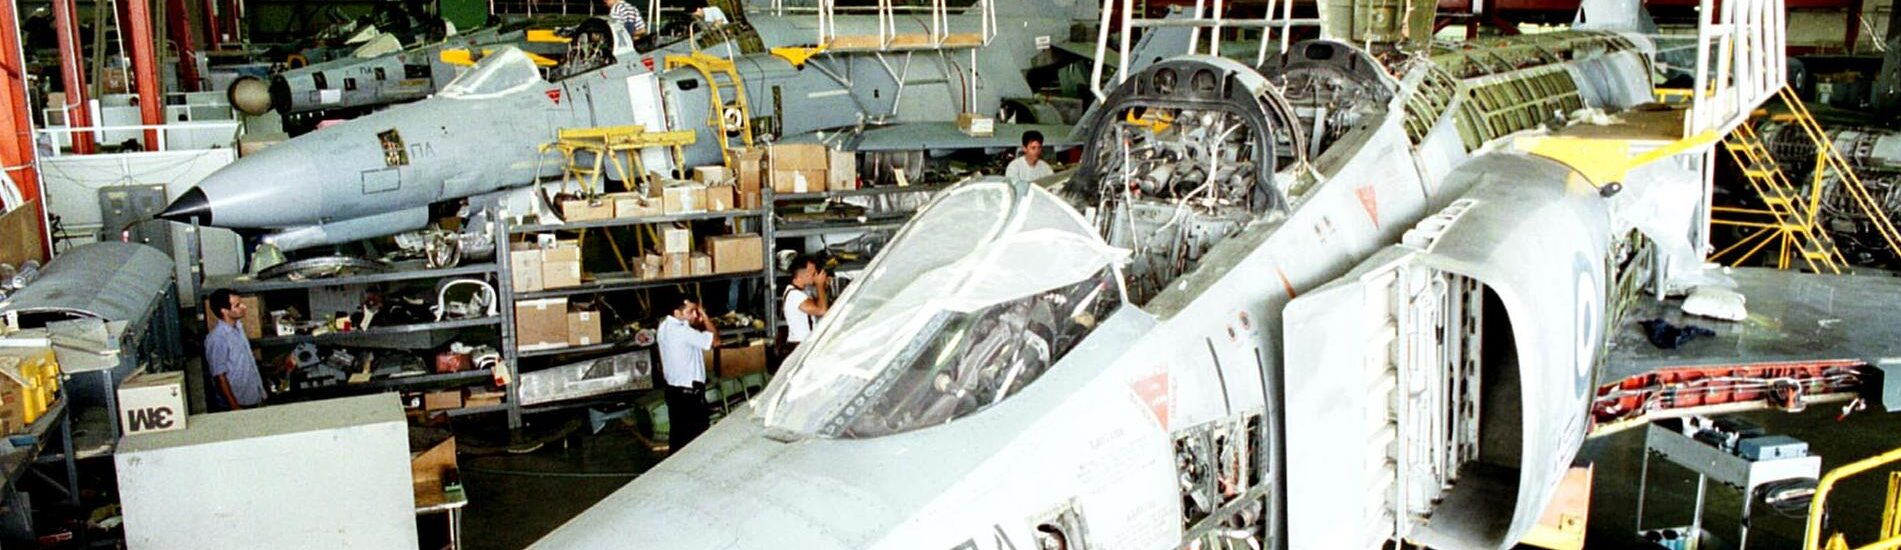 Σε κινητοποιήσεις οι εργάτες της Ελληνικής Αεροπορικής Βιομηχανίας